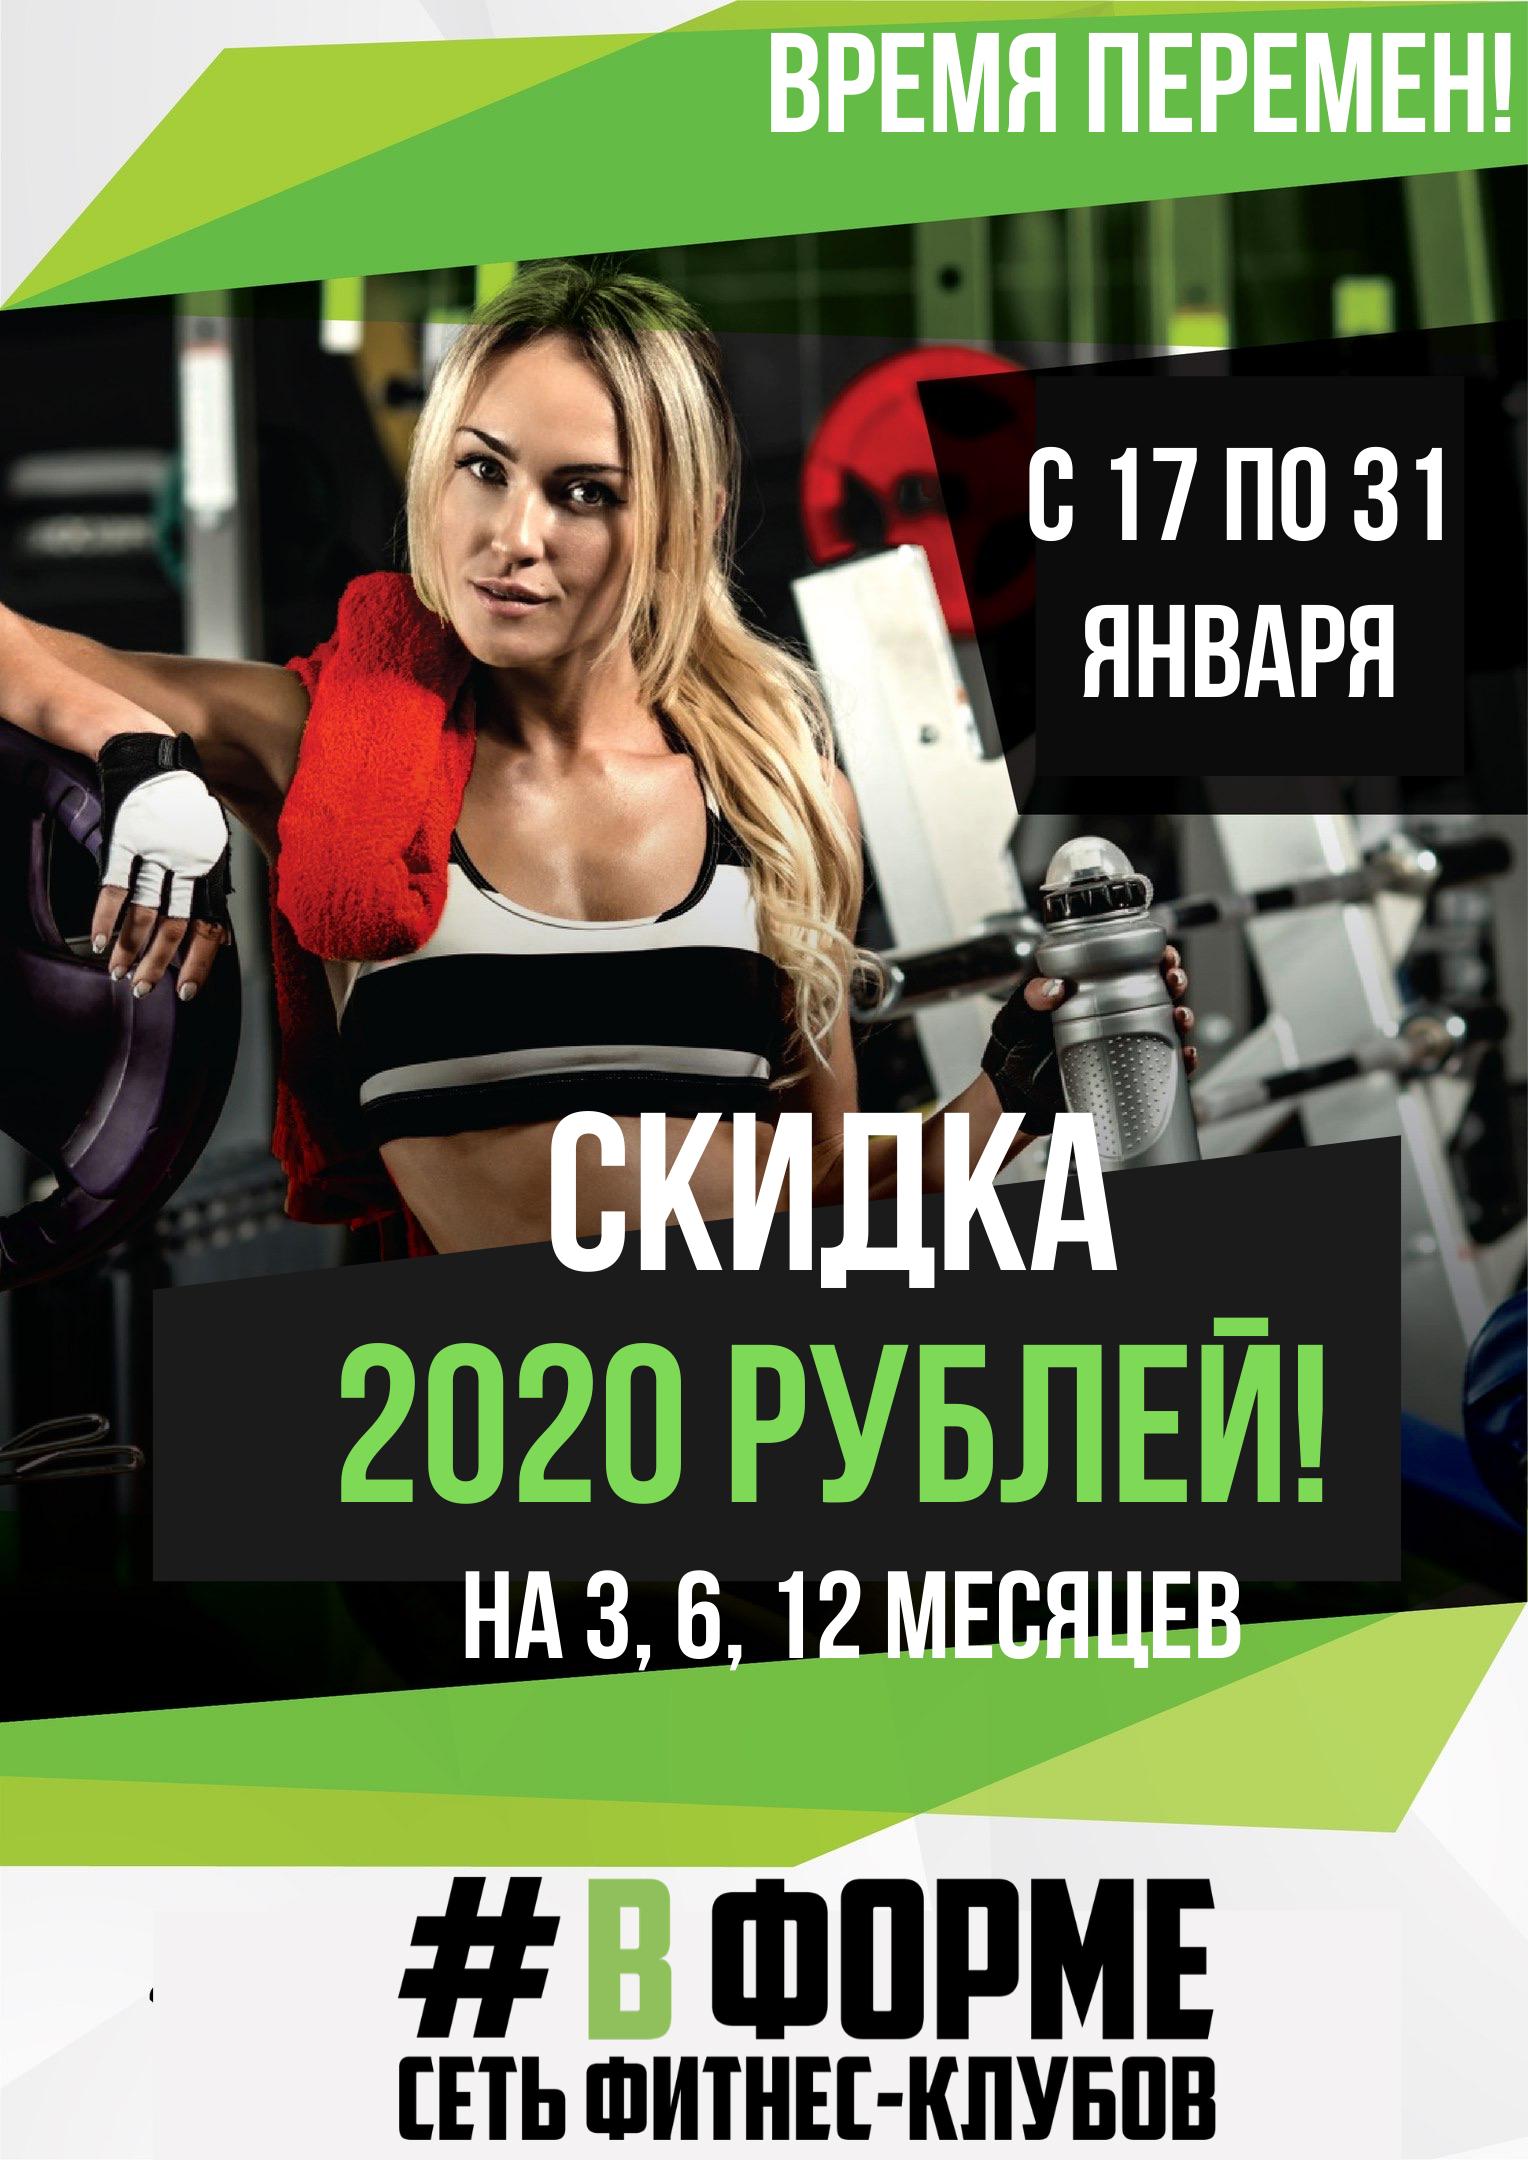 Акции на абонемент в фитнес клуб москва настоящий стрип клуб видео